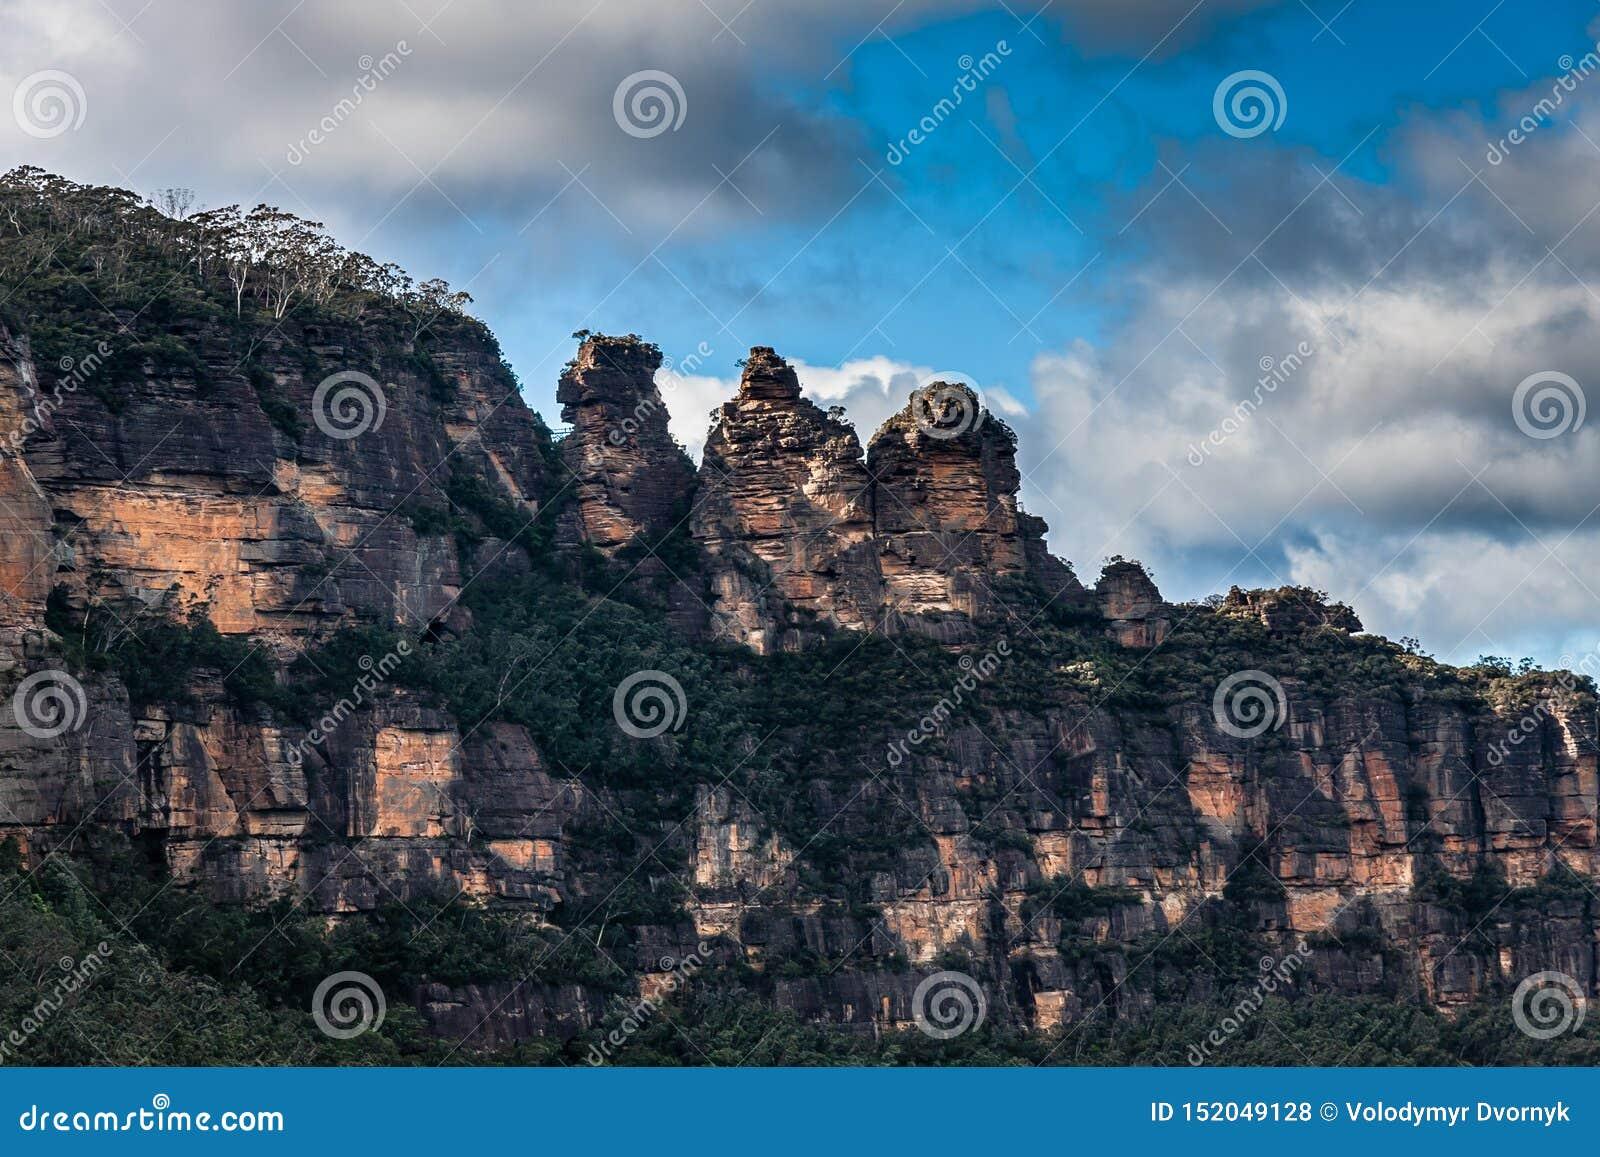 De vorming van de Drie Zustersrots in Blauw Bergen Nationaal Park, NSW, Australië